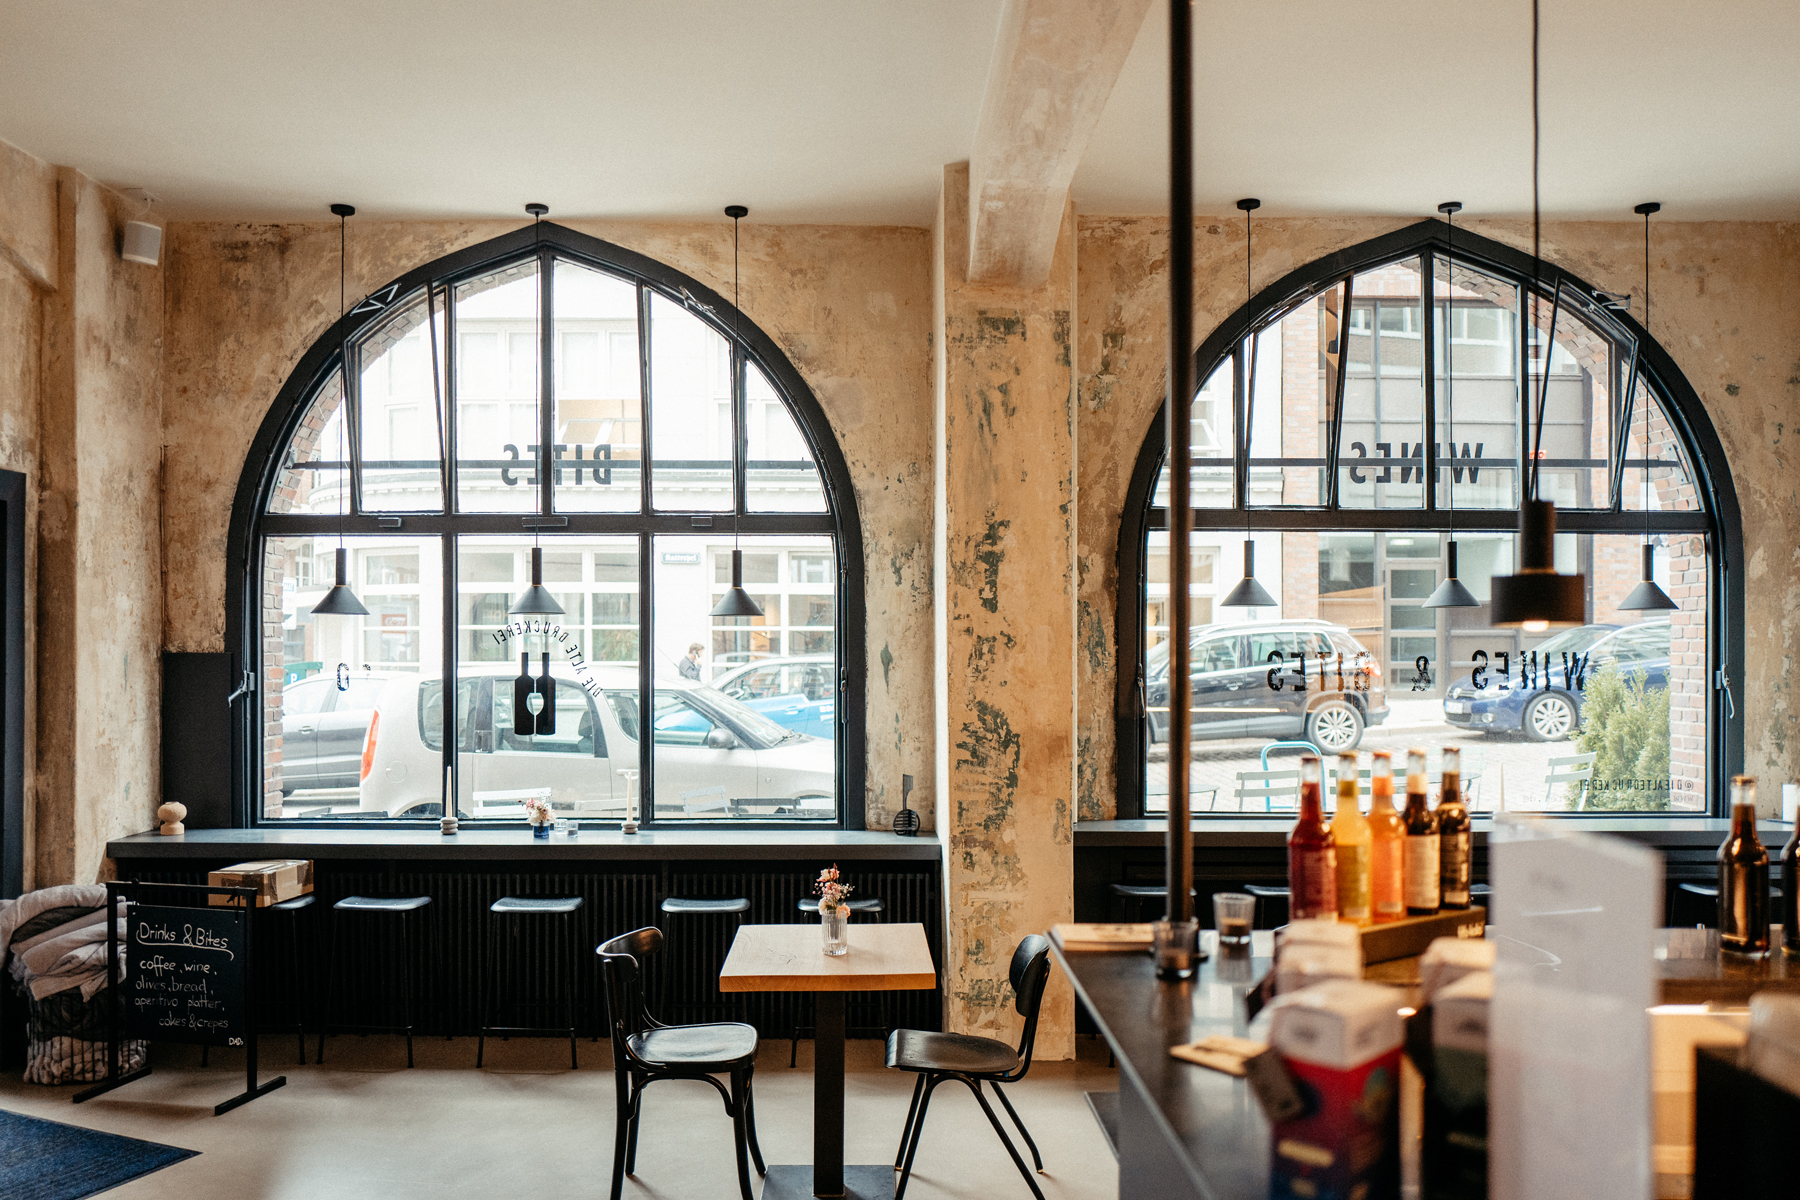 Geheimtipp Hamburg Altstadt Bar Die Alte Druckerei Dahlina Sophie Kock 20